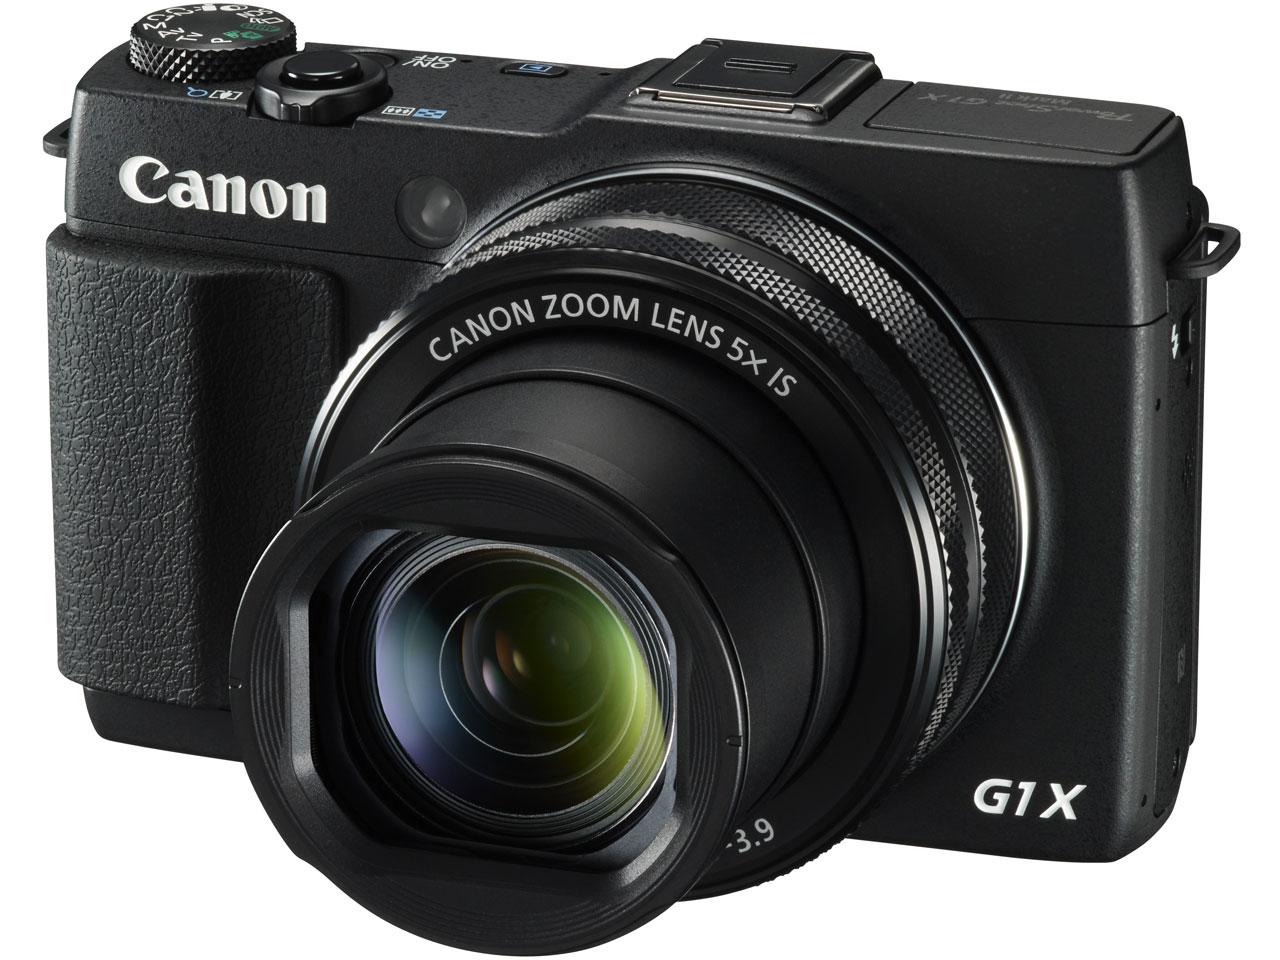 キャノン PowerShot G1 X MarkⅡを買い取りさせていただきました